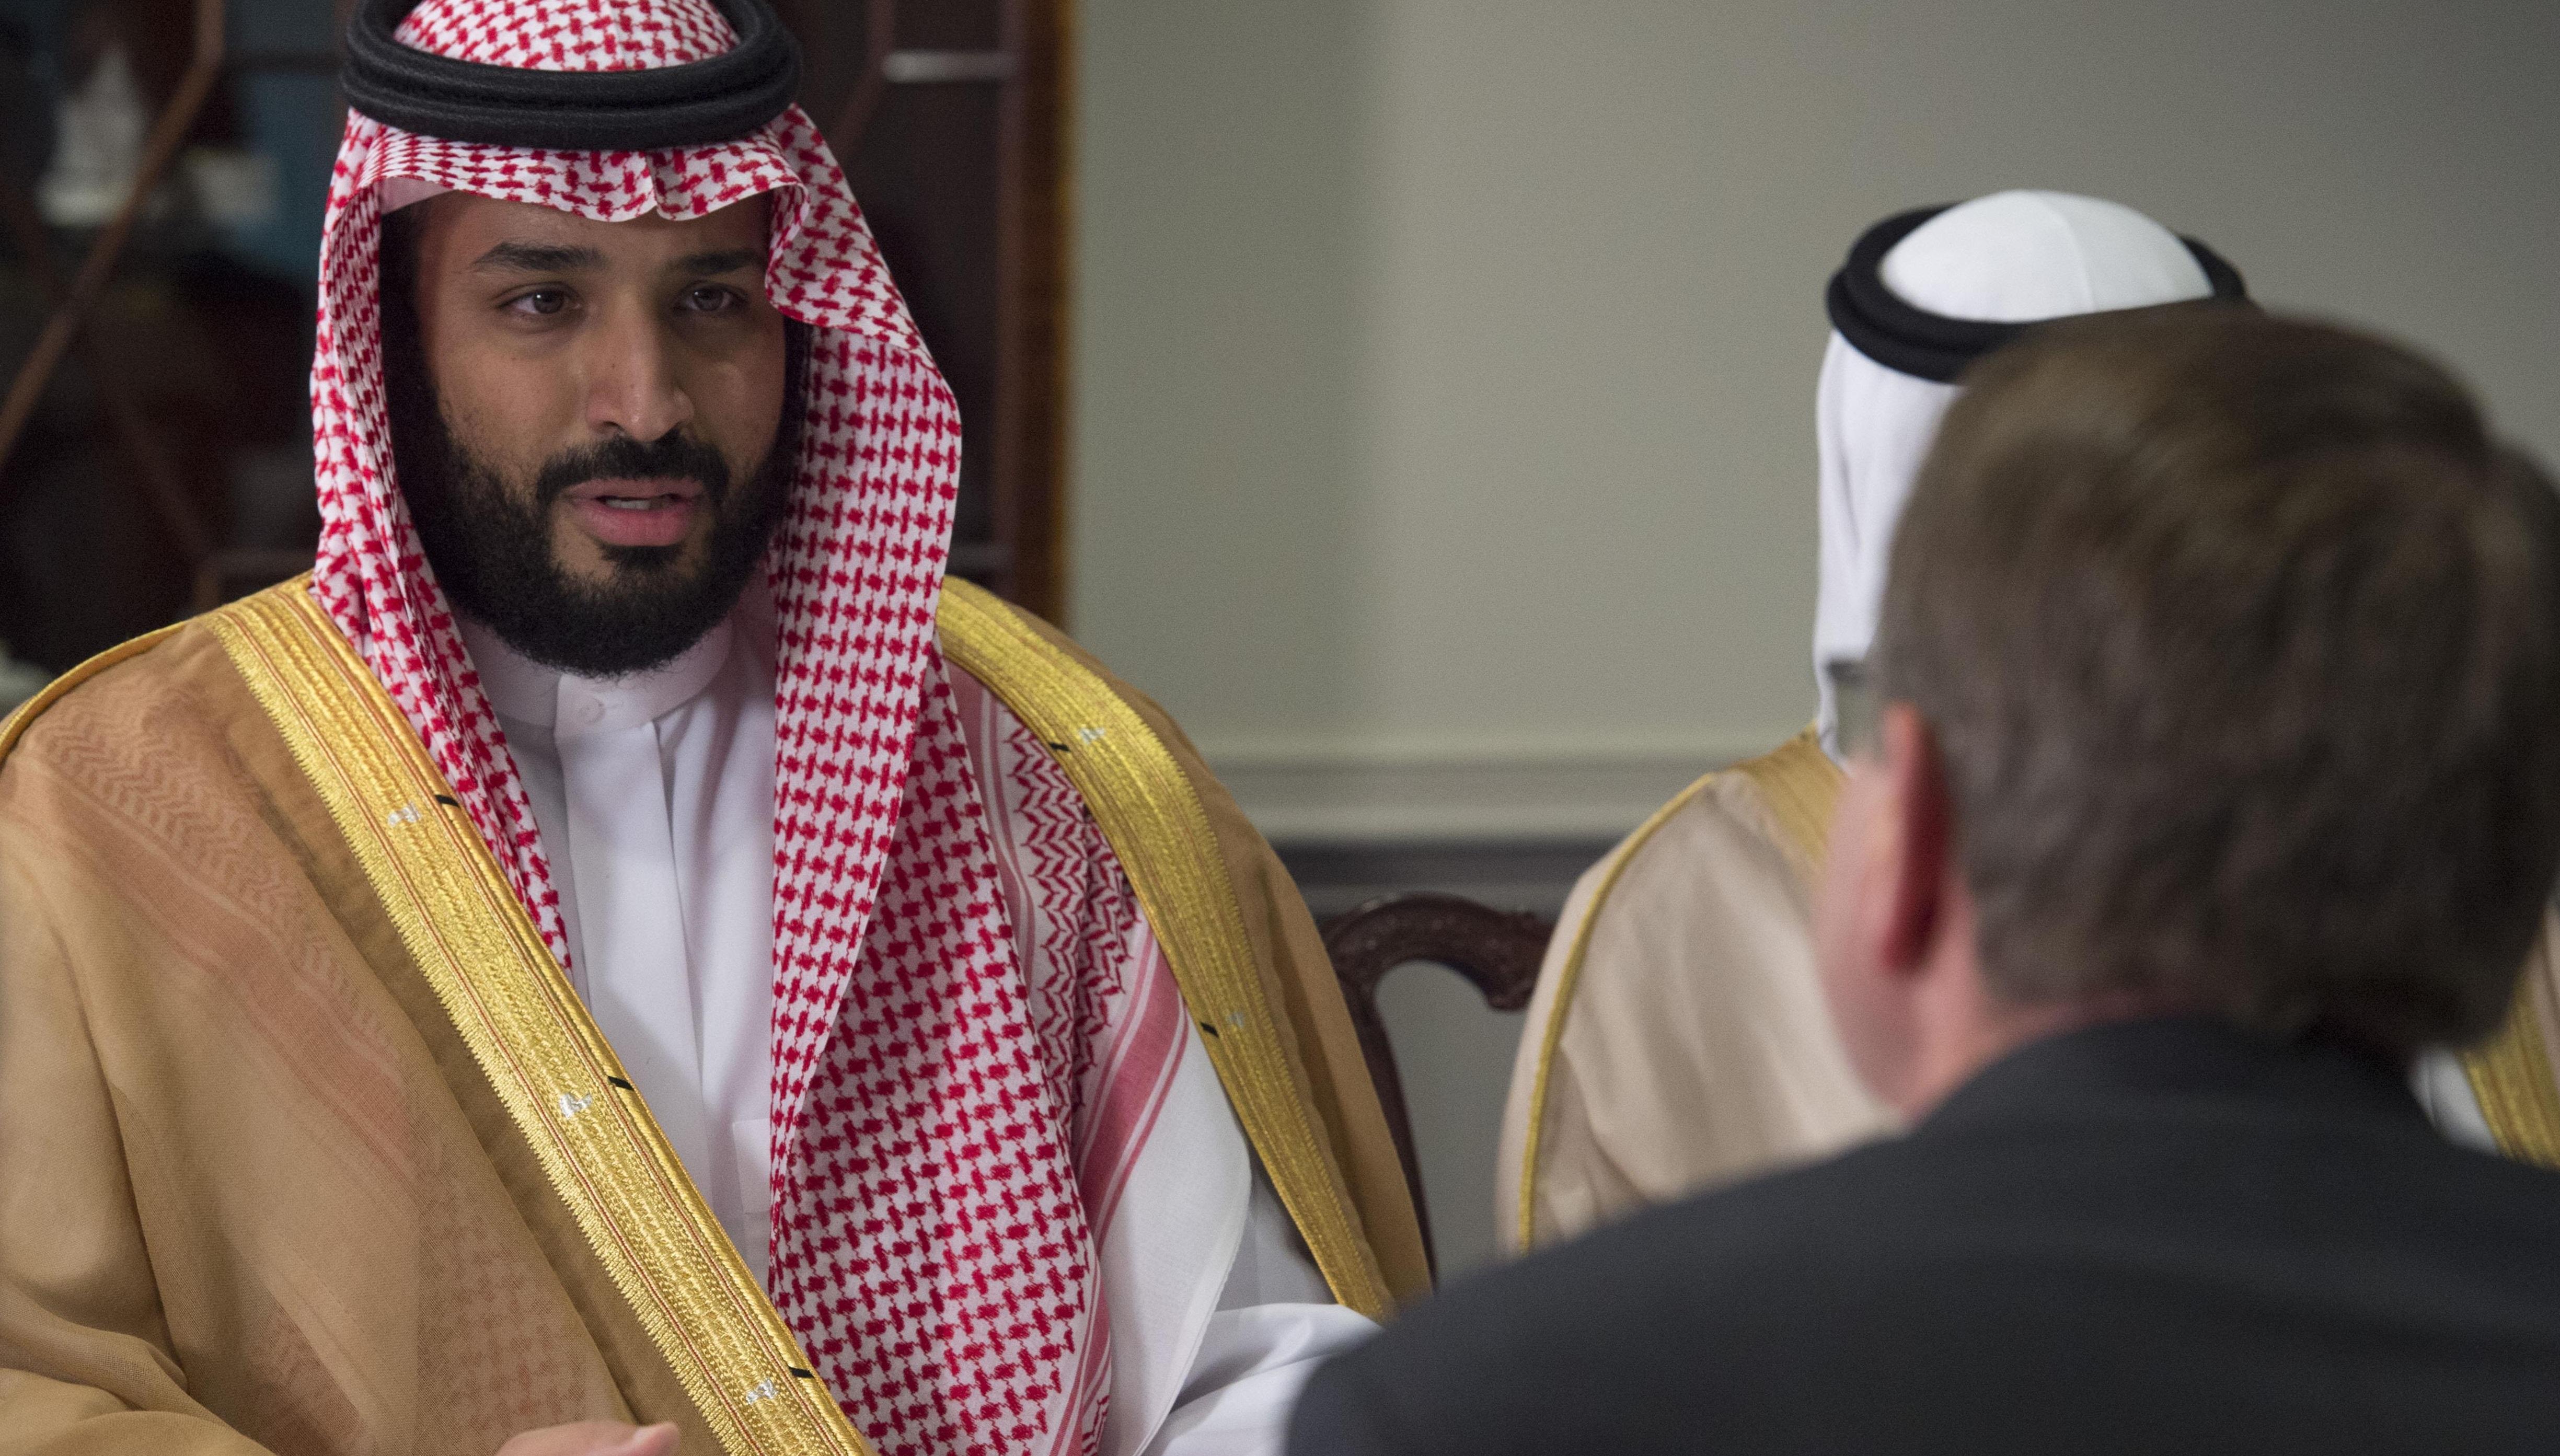 Voici comment le prince héritier d'Arabie saoudite change radicalement le royaume